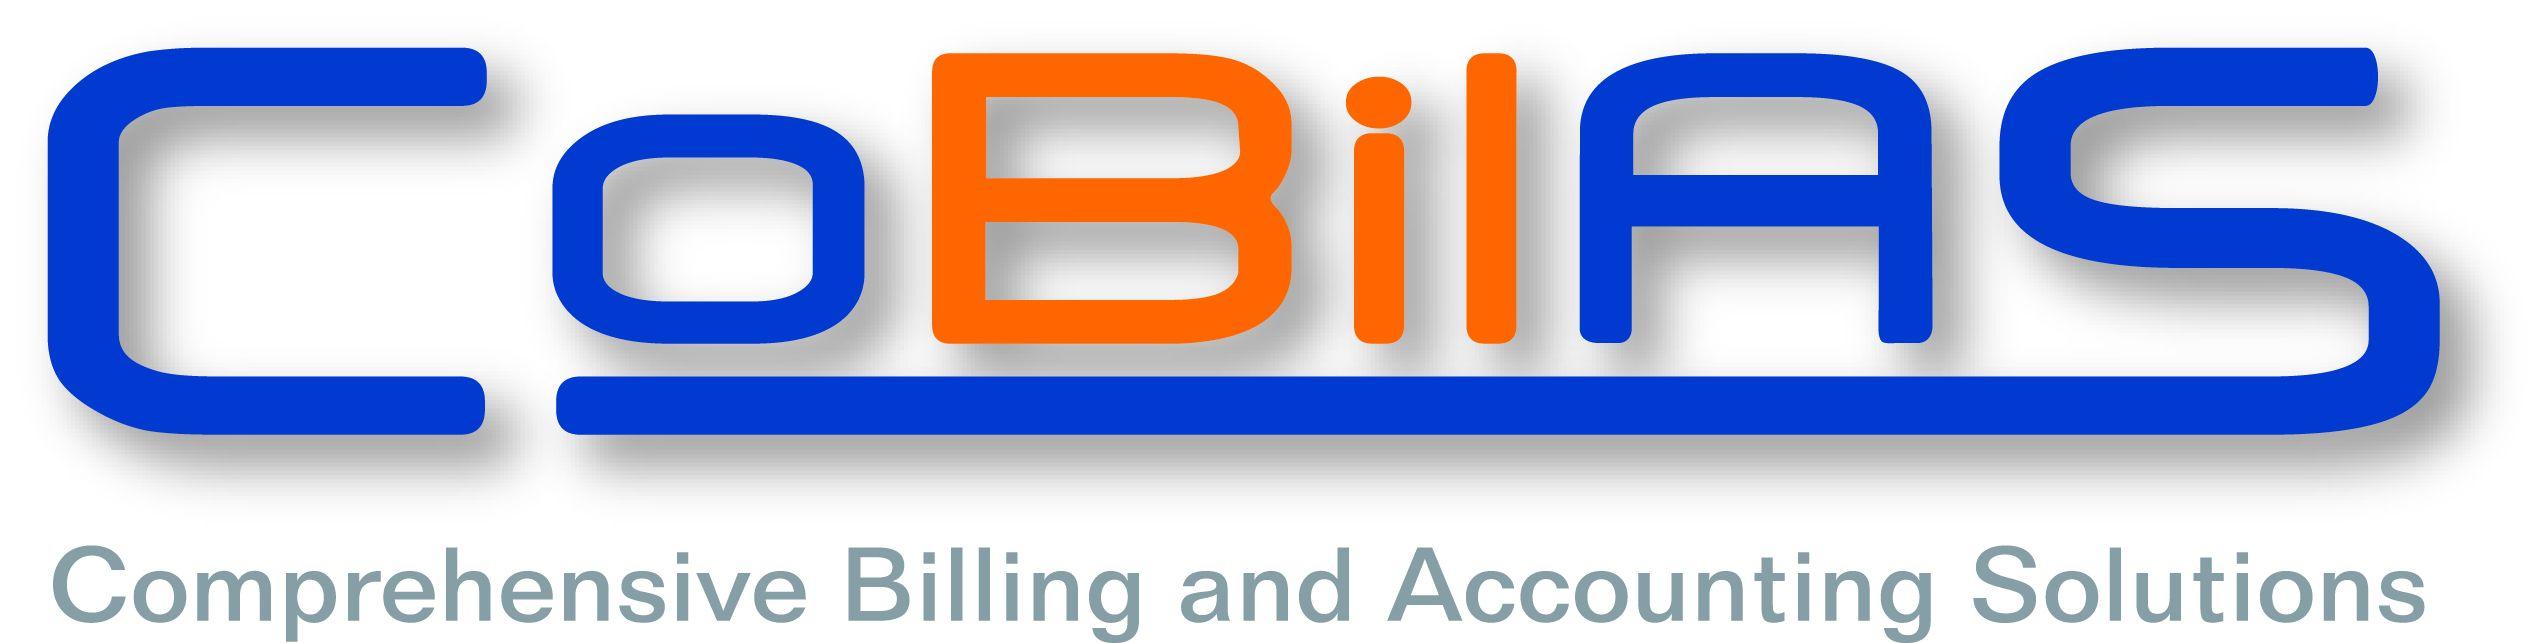 CoBilas Logo